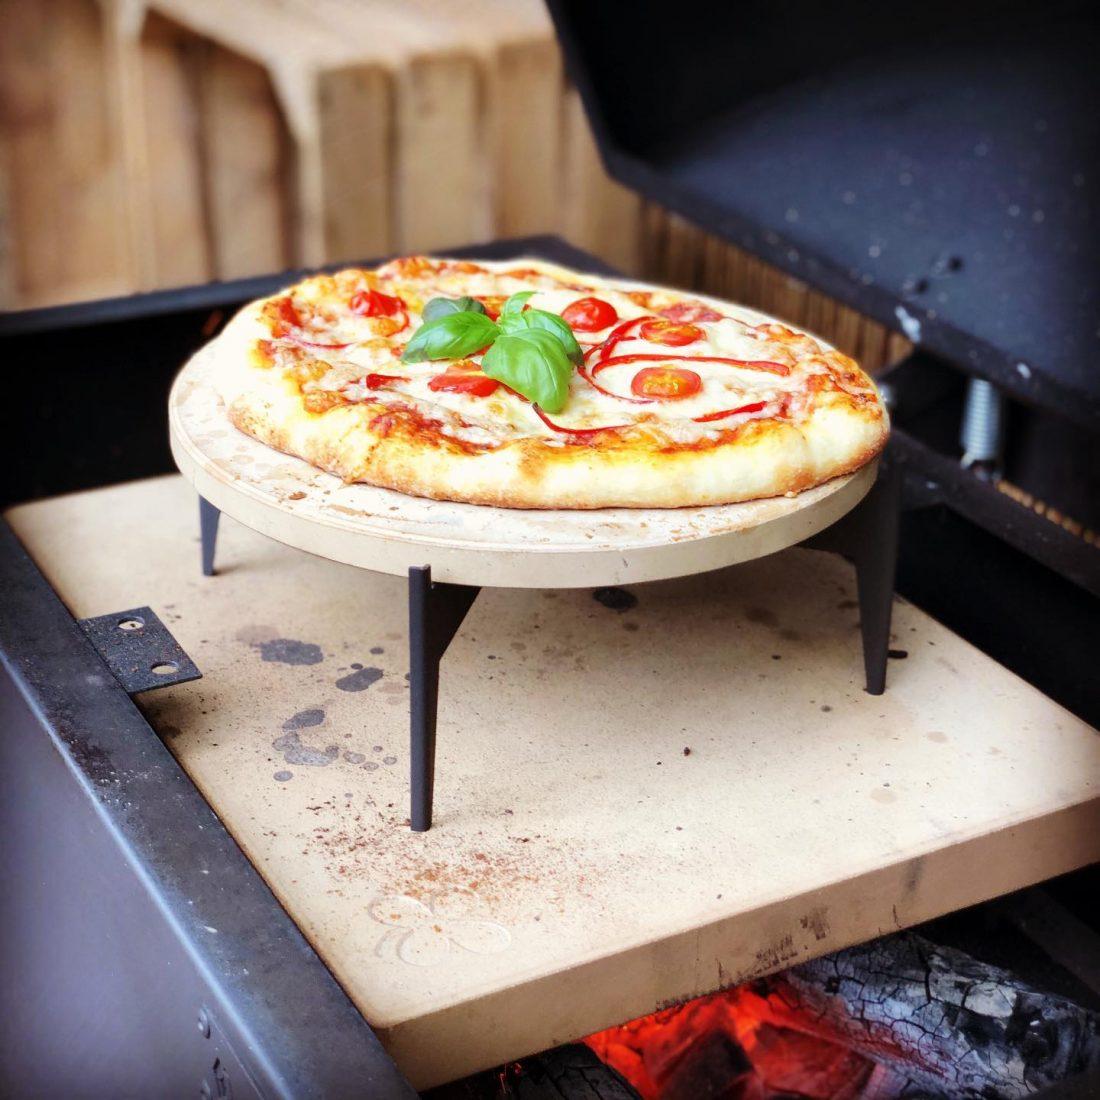 Bak de lekkerste pizza's